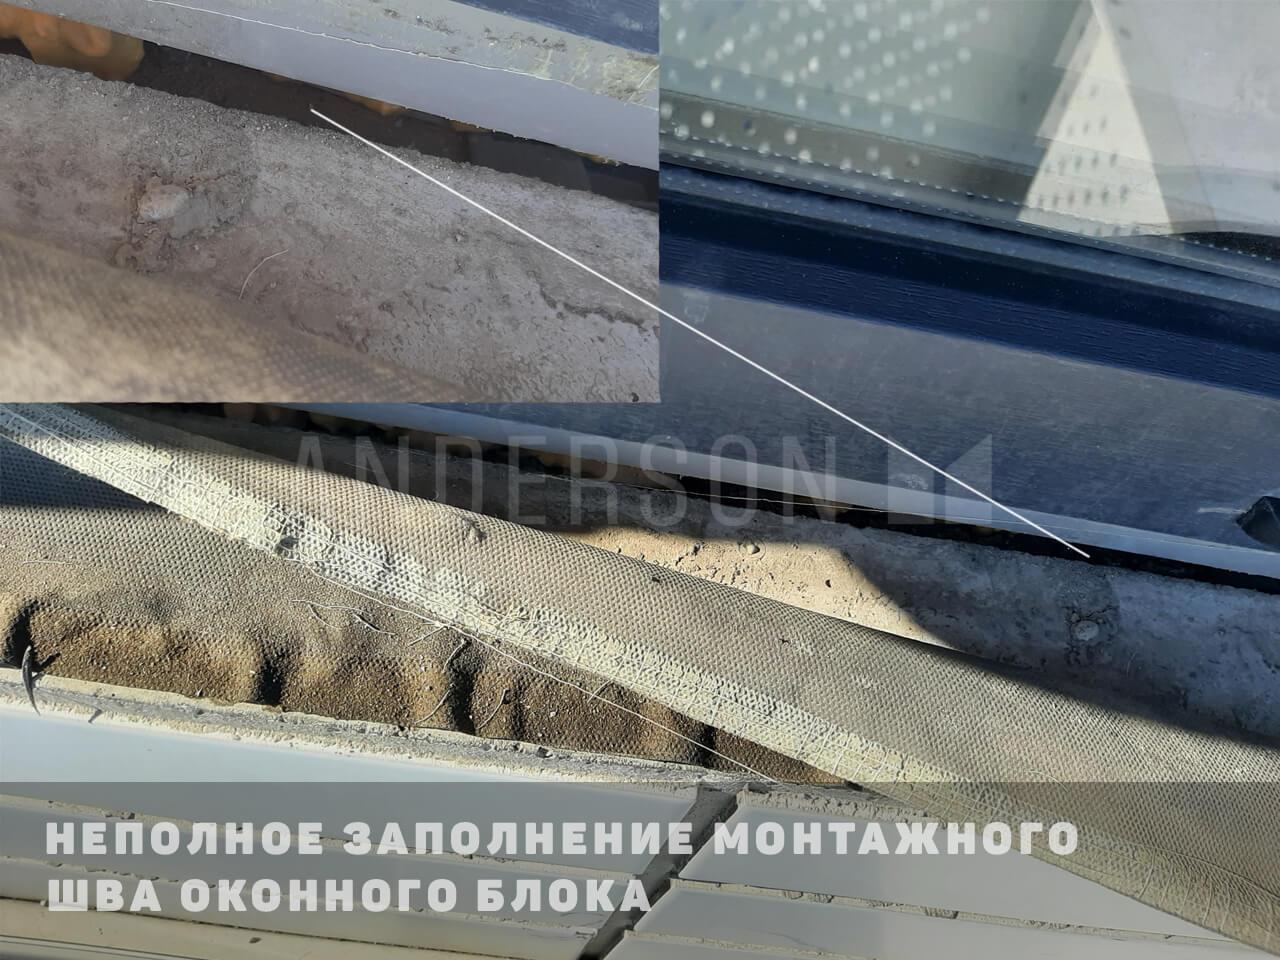 Пропуски пены в монтажном шве окна